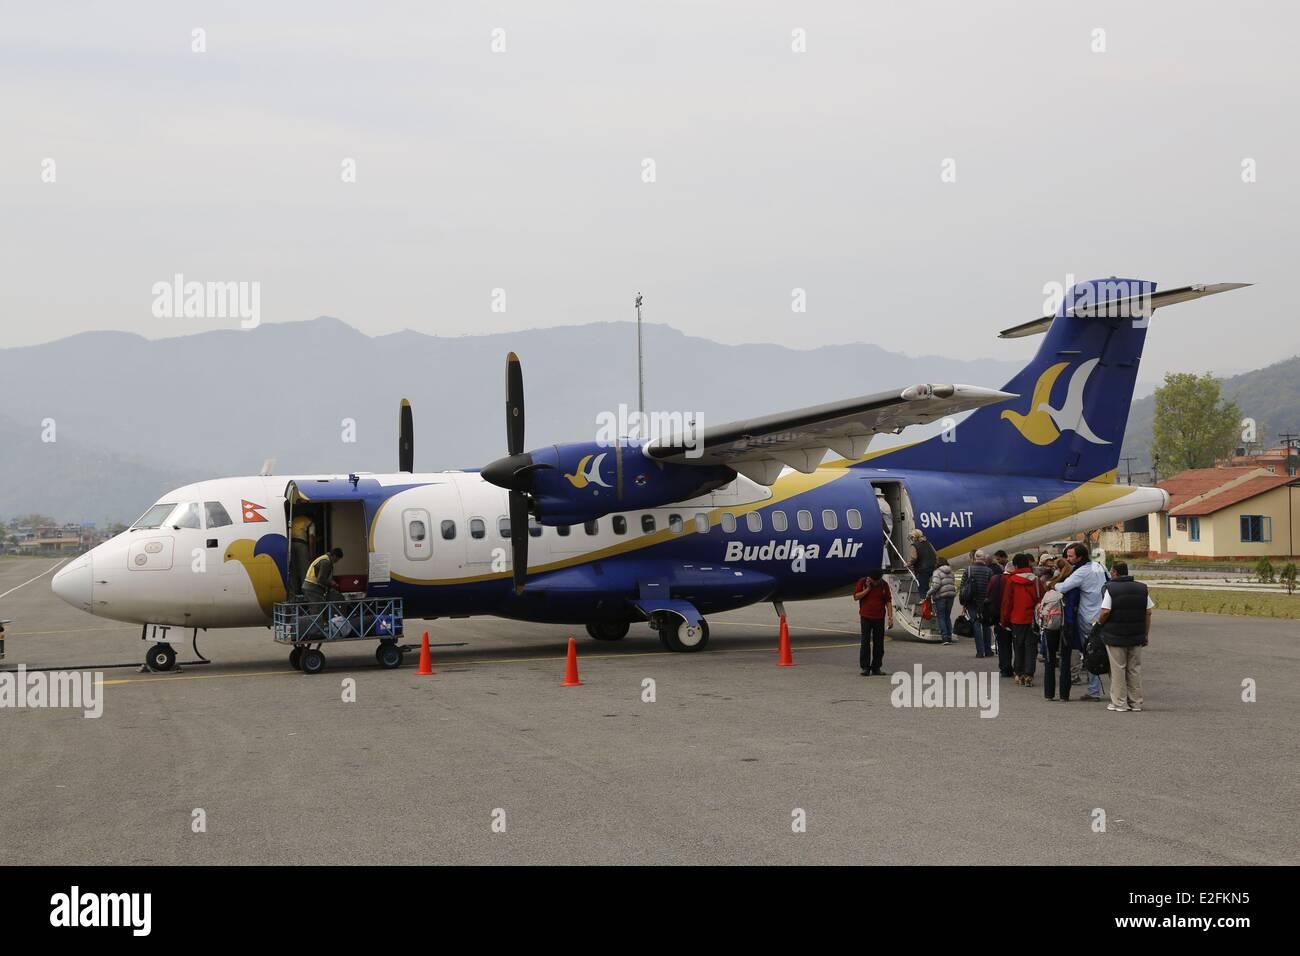 Nepal Gandaki Zone City of Pokhara the airport - Stock Image